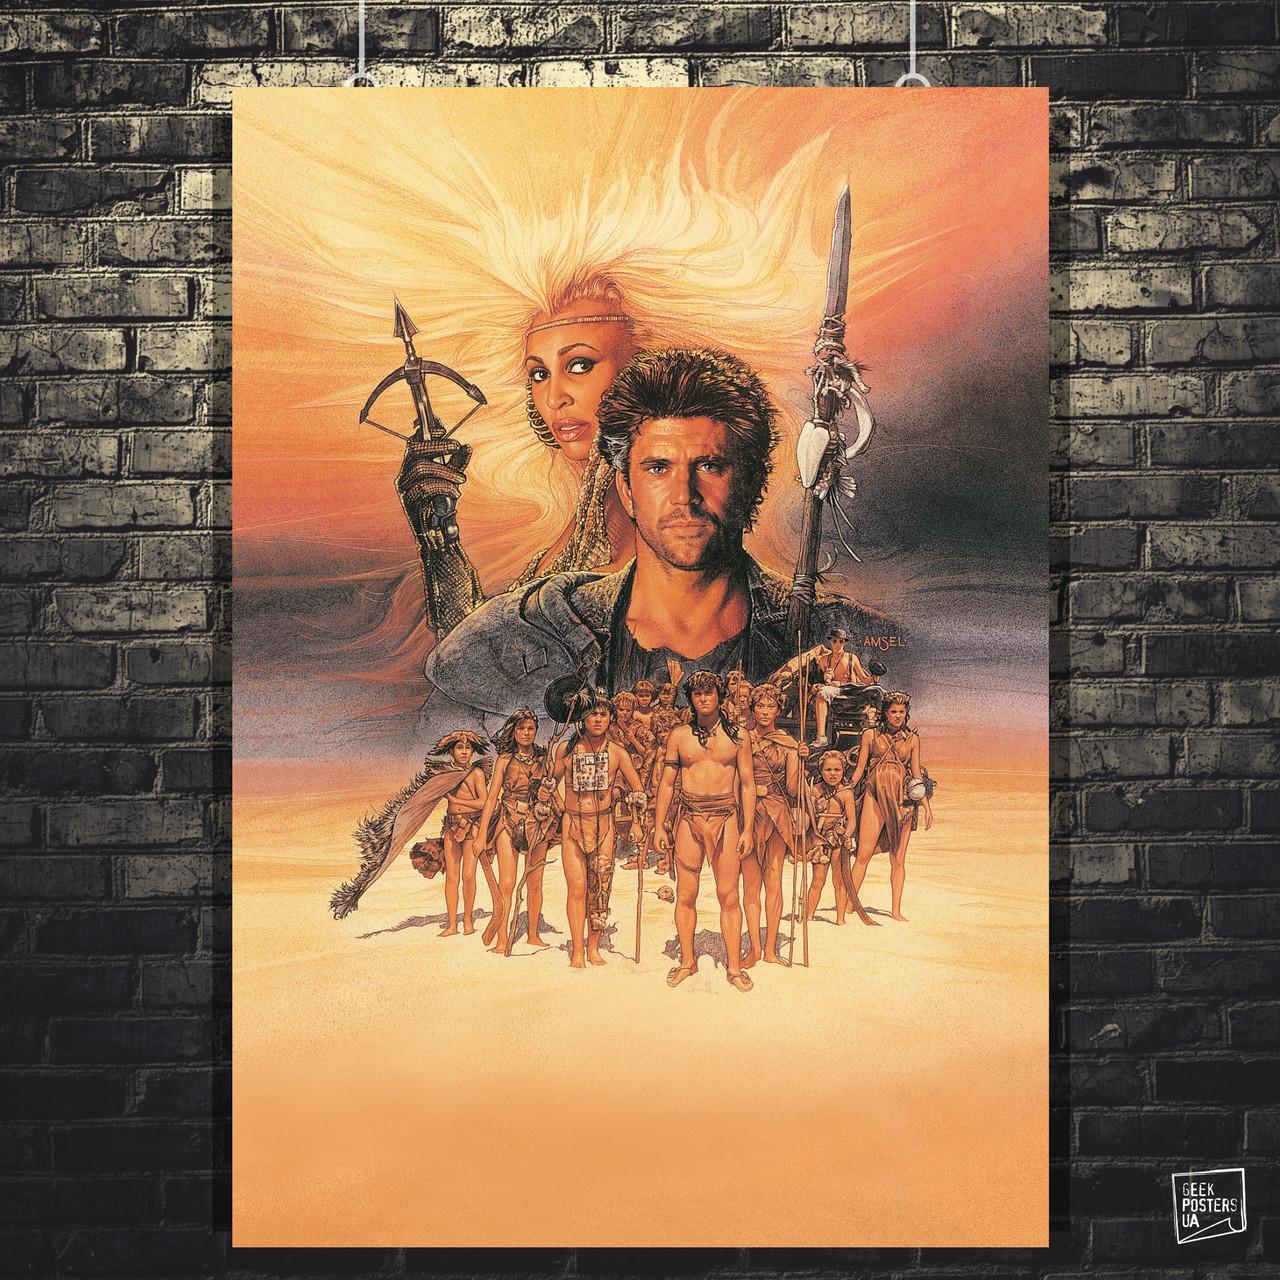 Постер Mad Max, Безумный Макс (1979). Размер 60x42см (A2). Глянцевая бумага